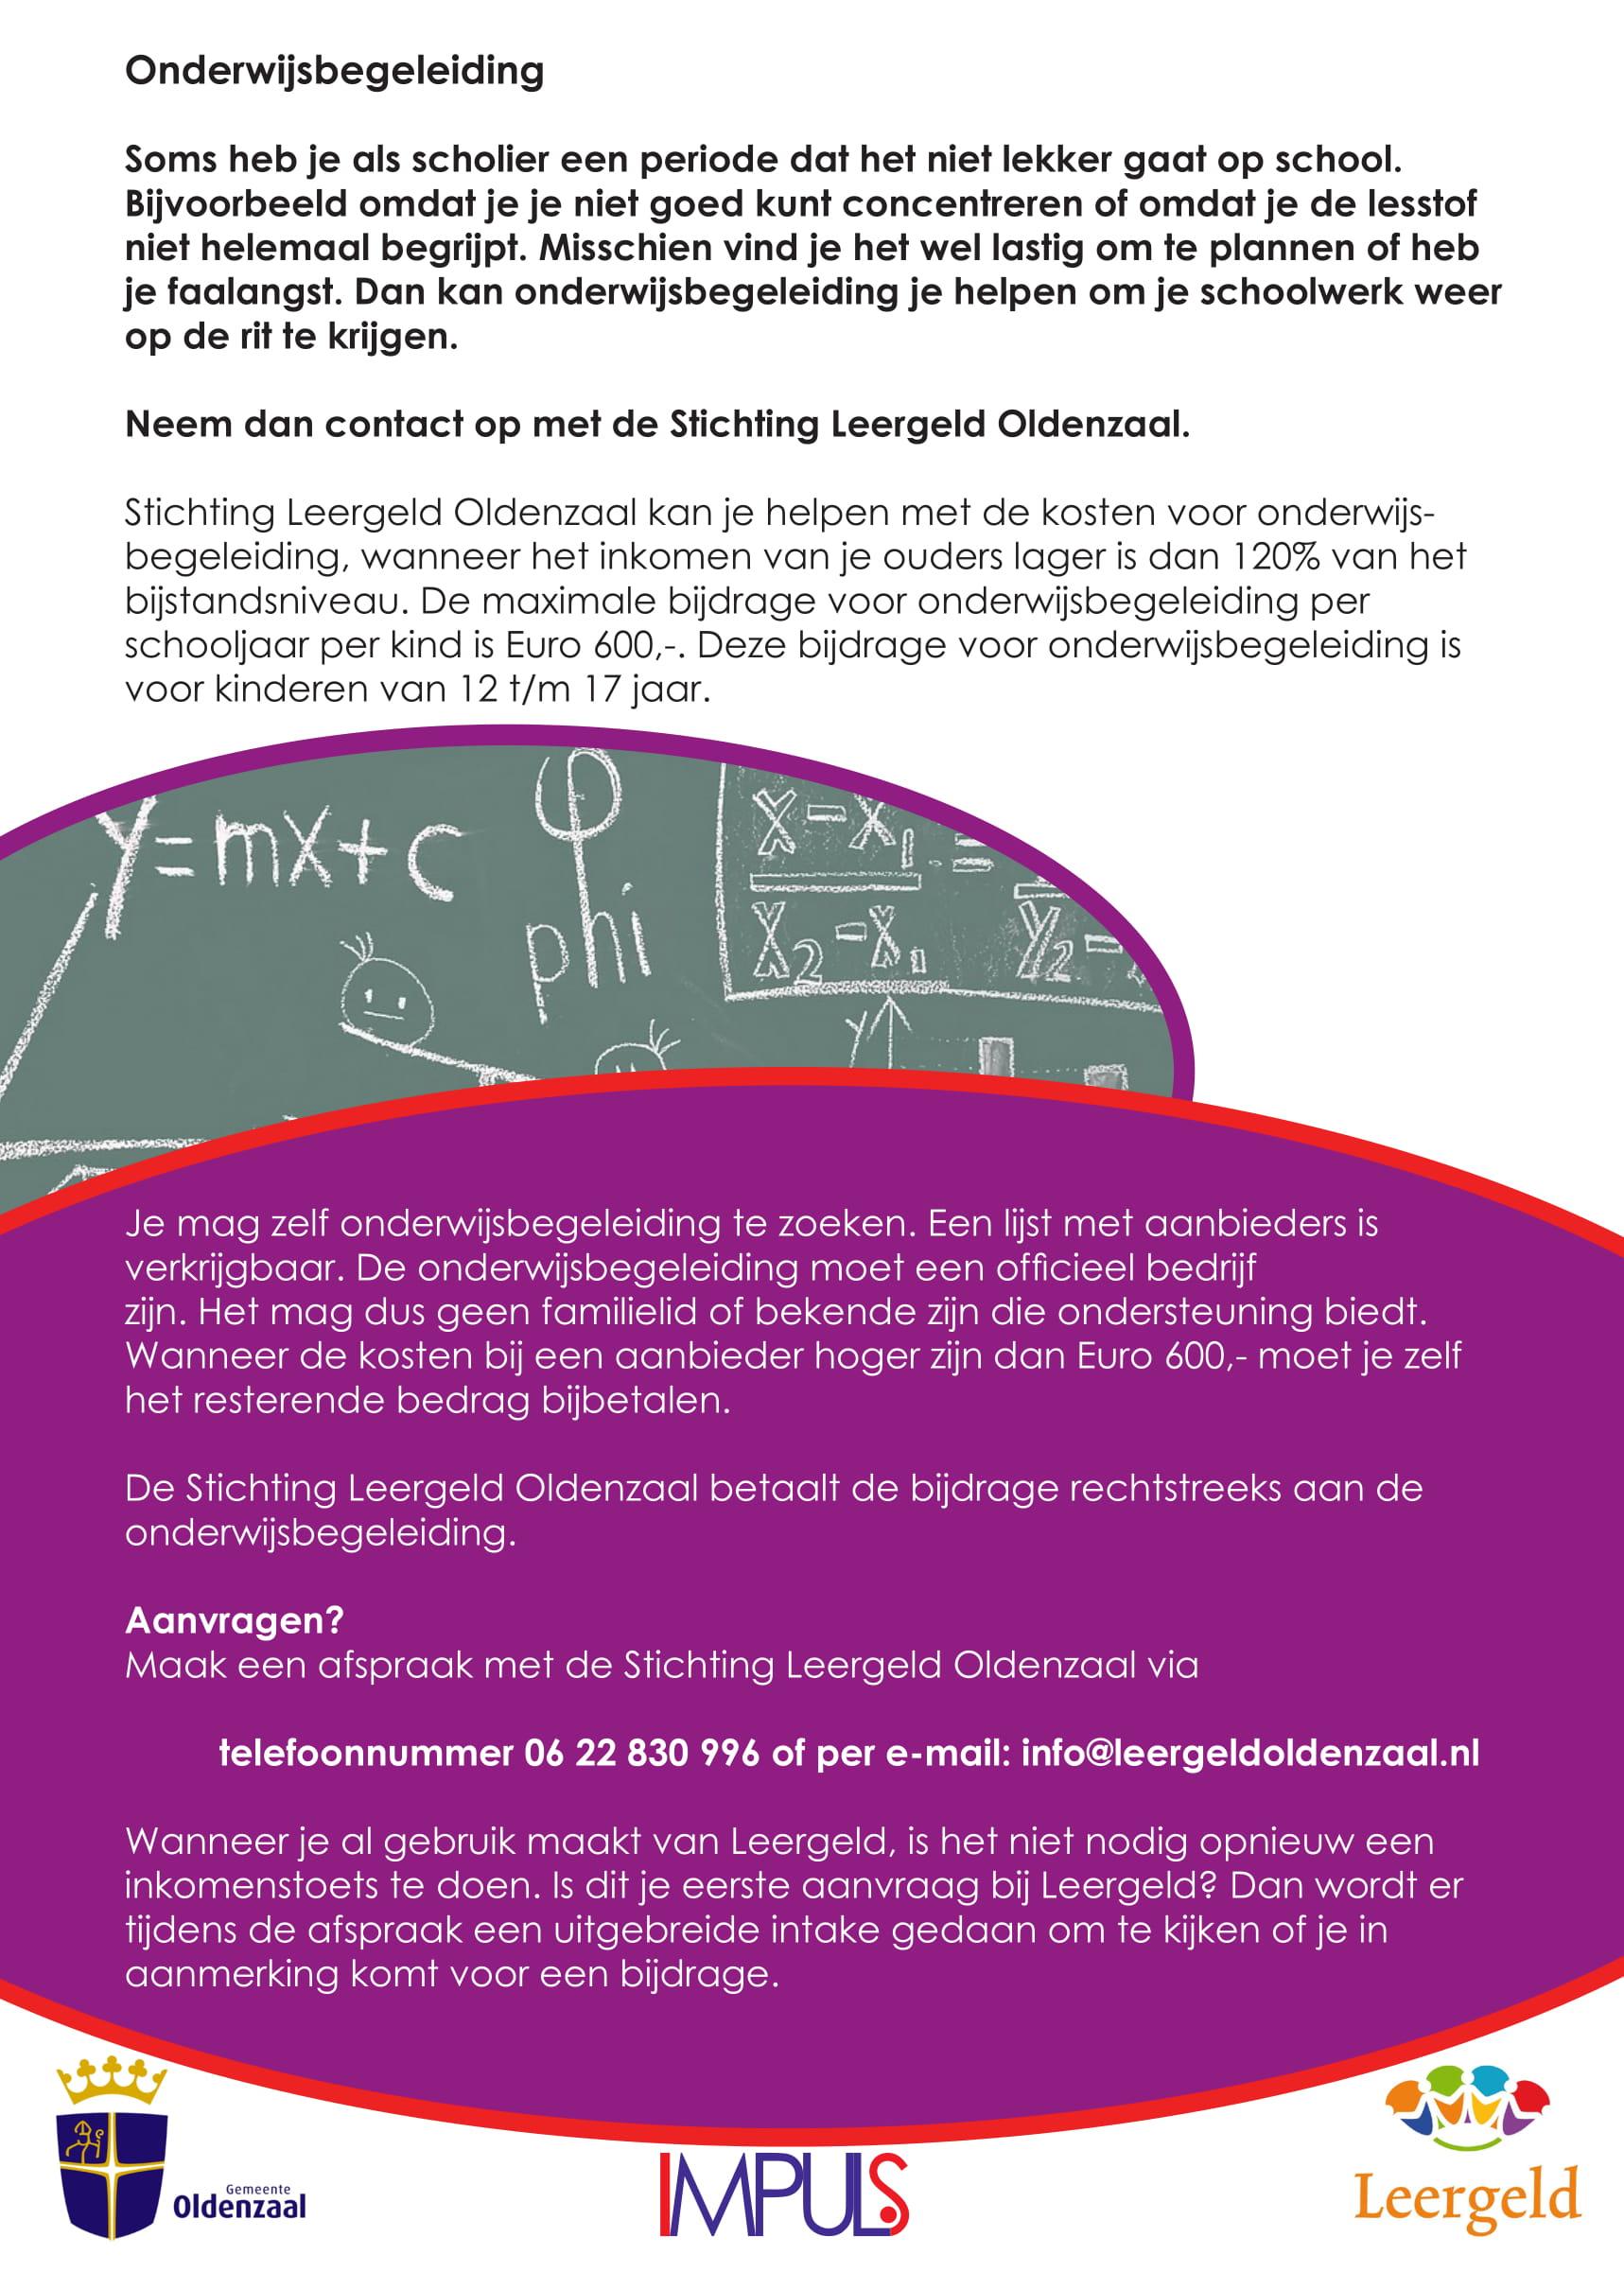 onderwijsbegeleiding leergeld-2.jpg